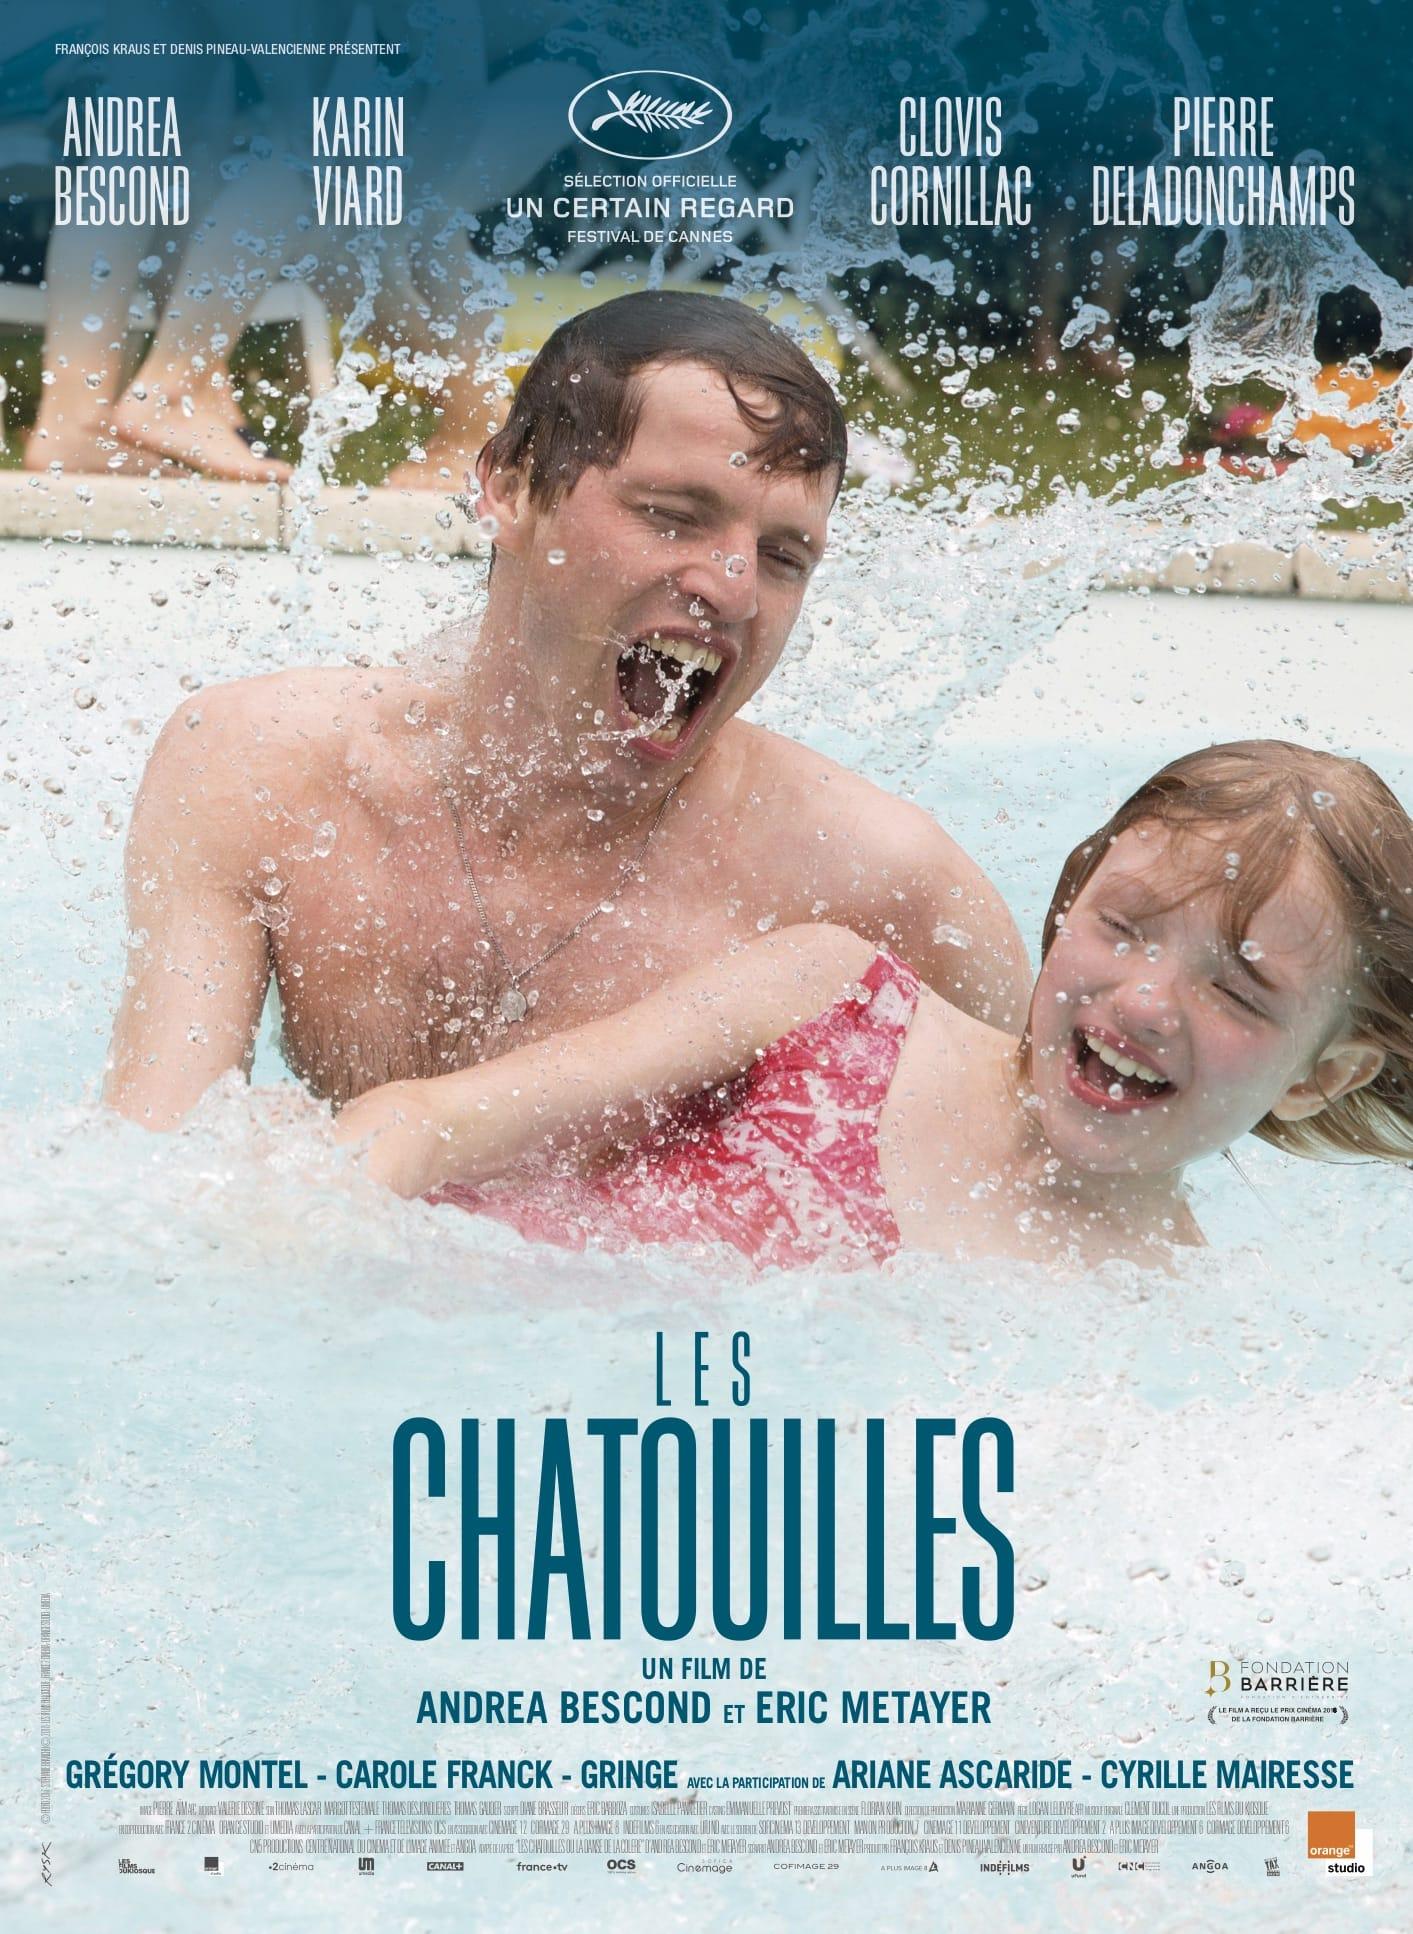 Les Chatouilles d'Andréa Bescond et Eric Métayer affiche film cinéma